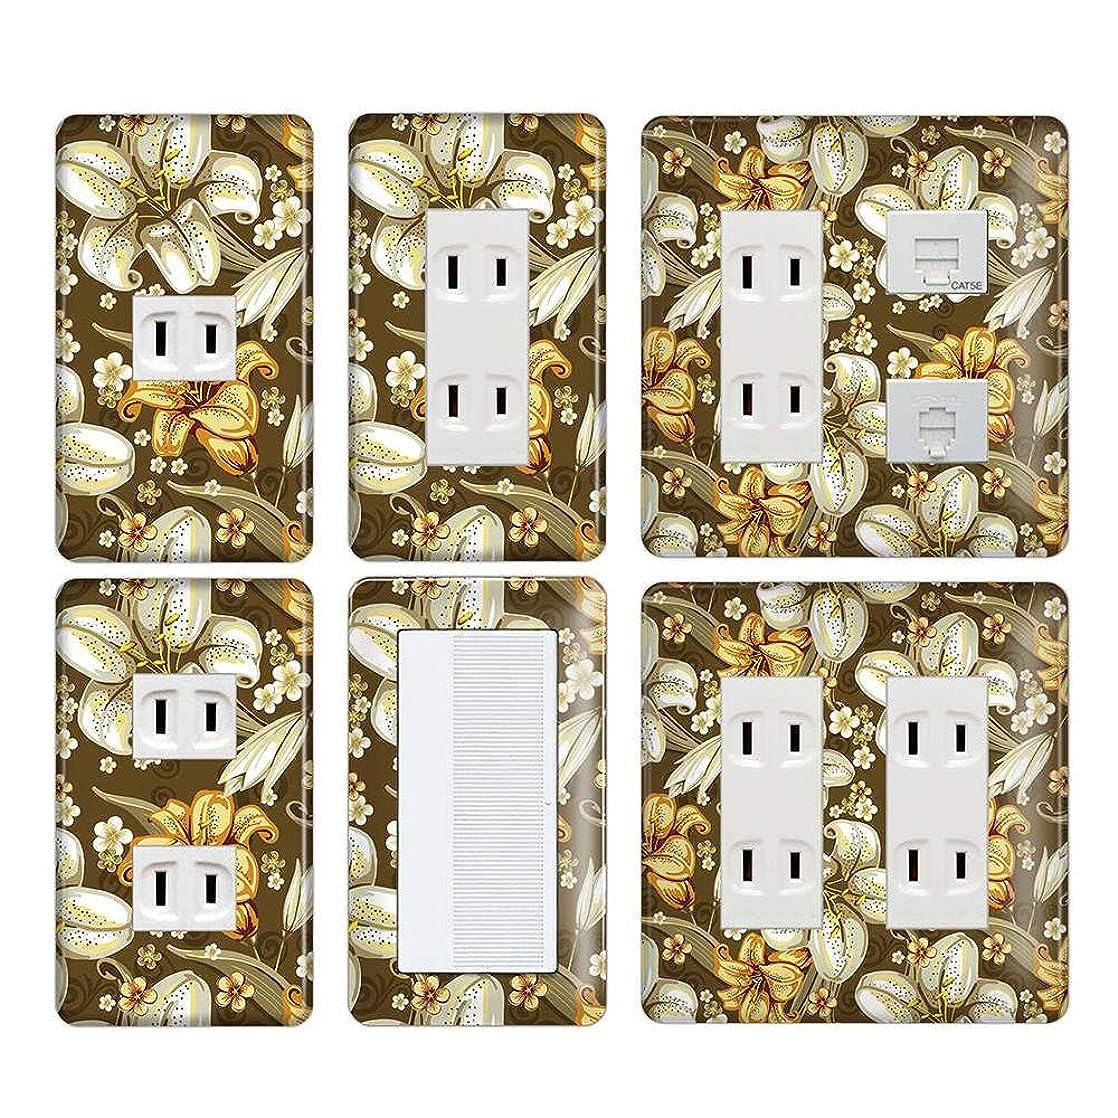 薬用イブニング昨日コンセントカバー スイッチカバー エレガント 花柄 フラワー 花 パナソニック コスモ ELGF13-1-CV-CN